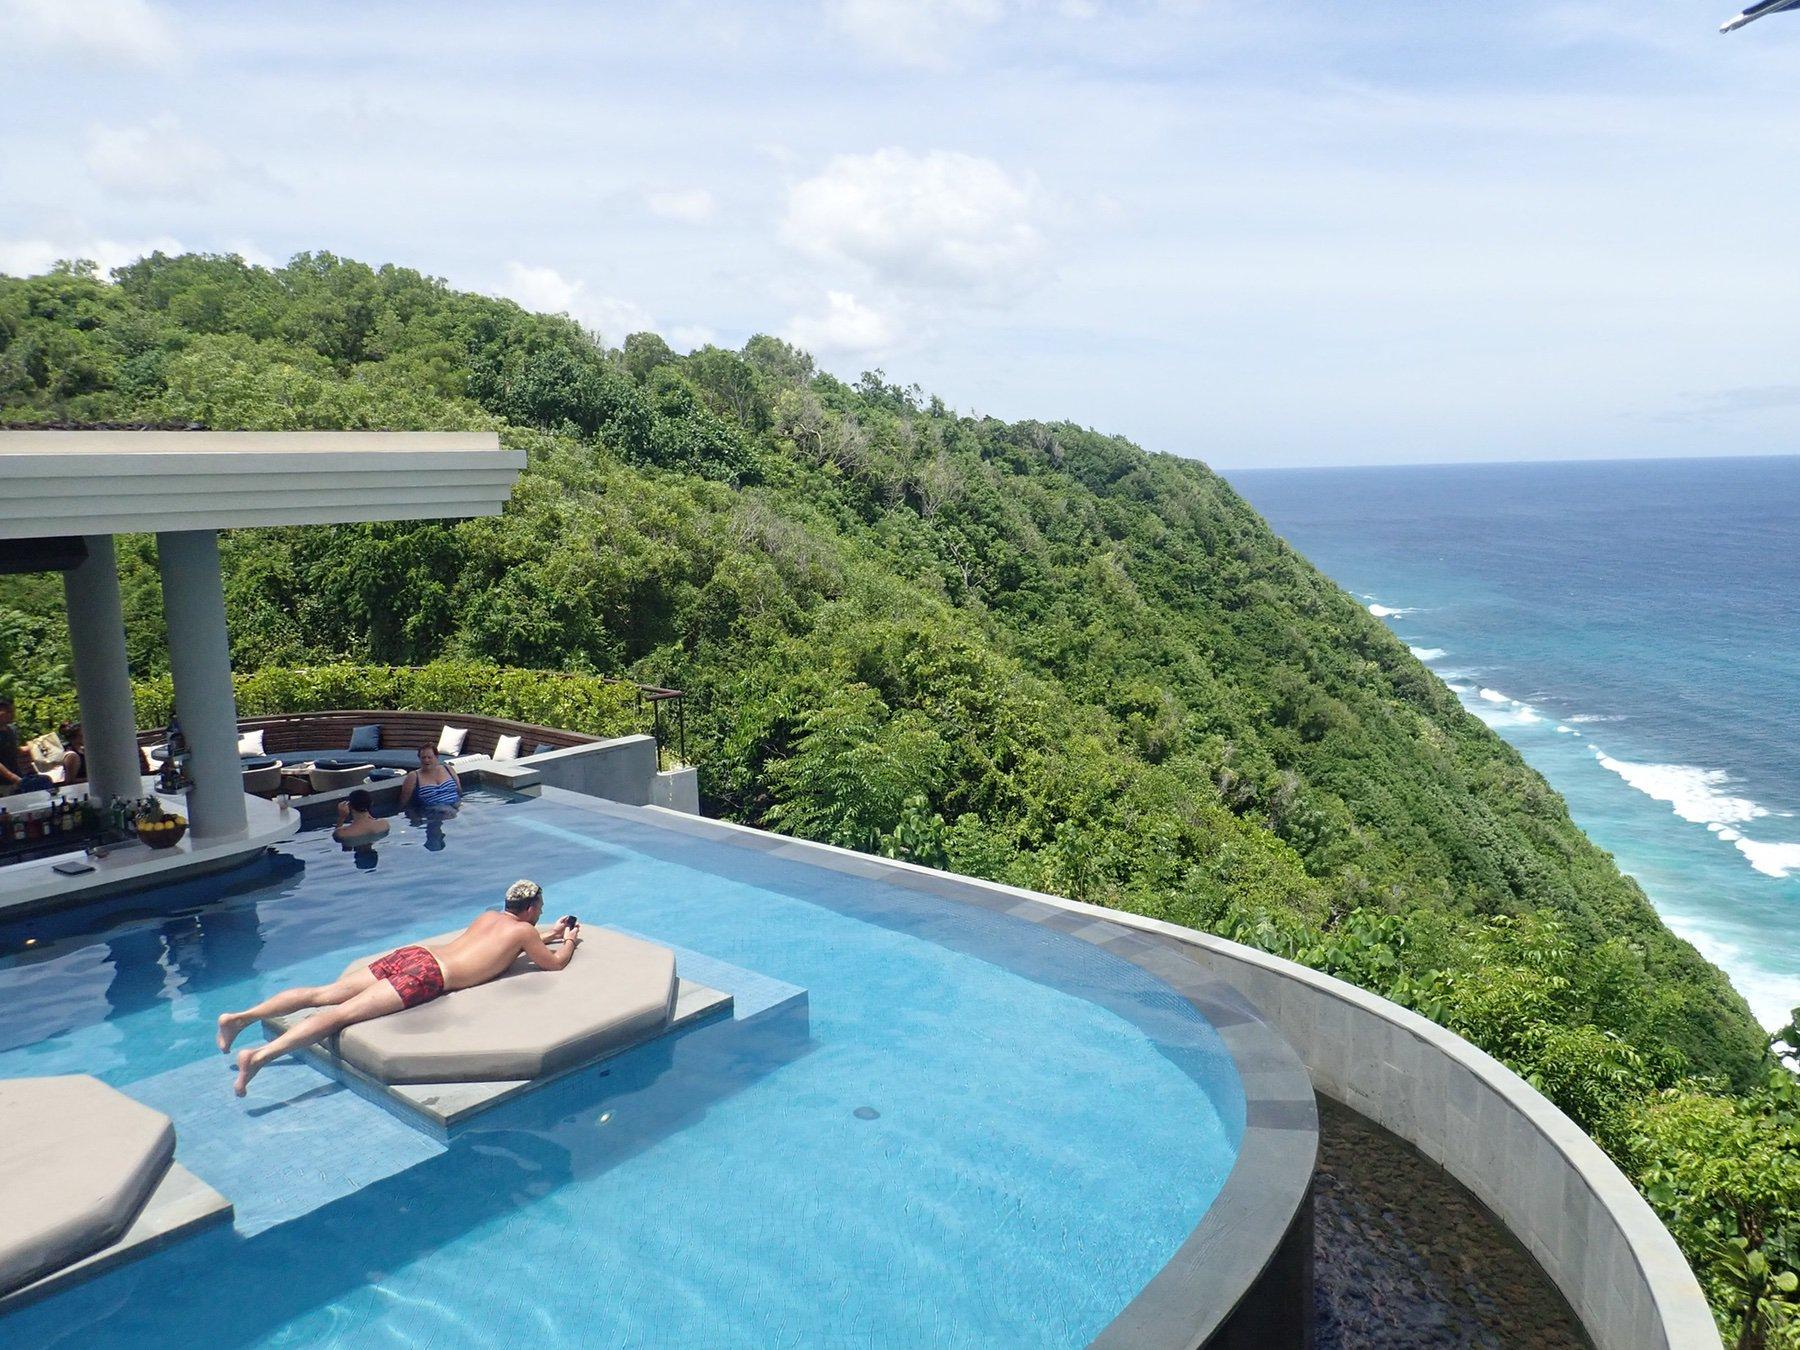 バリ島 1ヶ月の生活費は8万円くらい欲しい